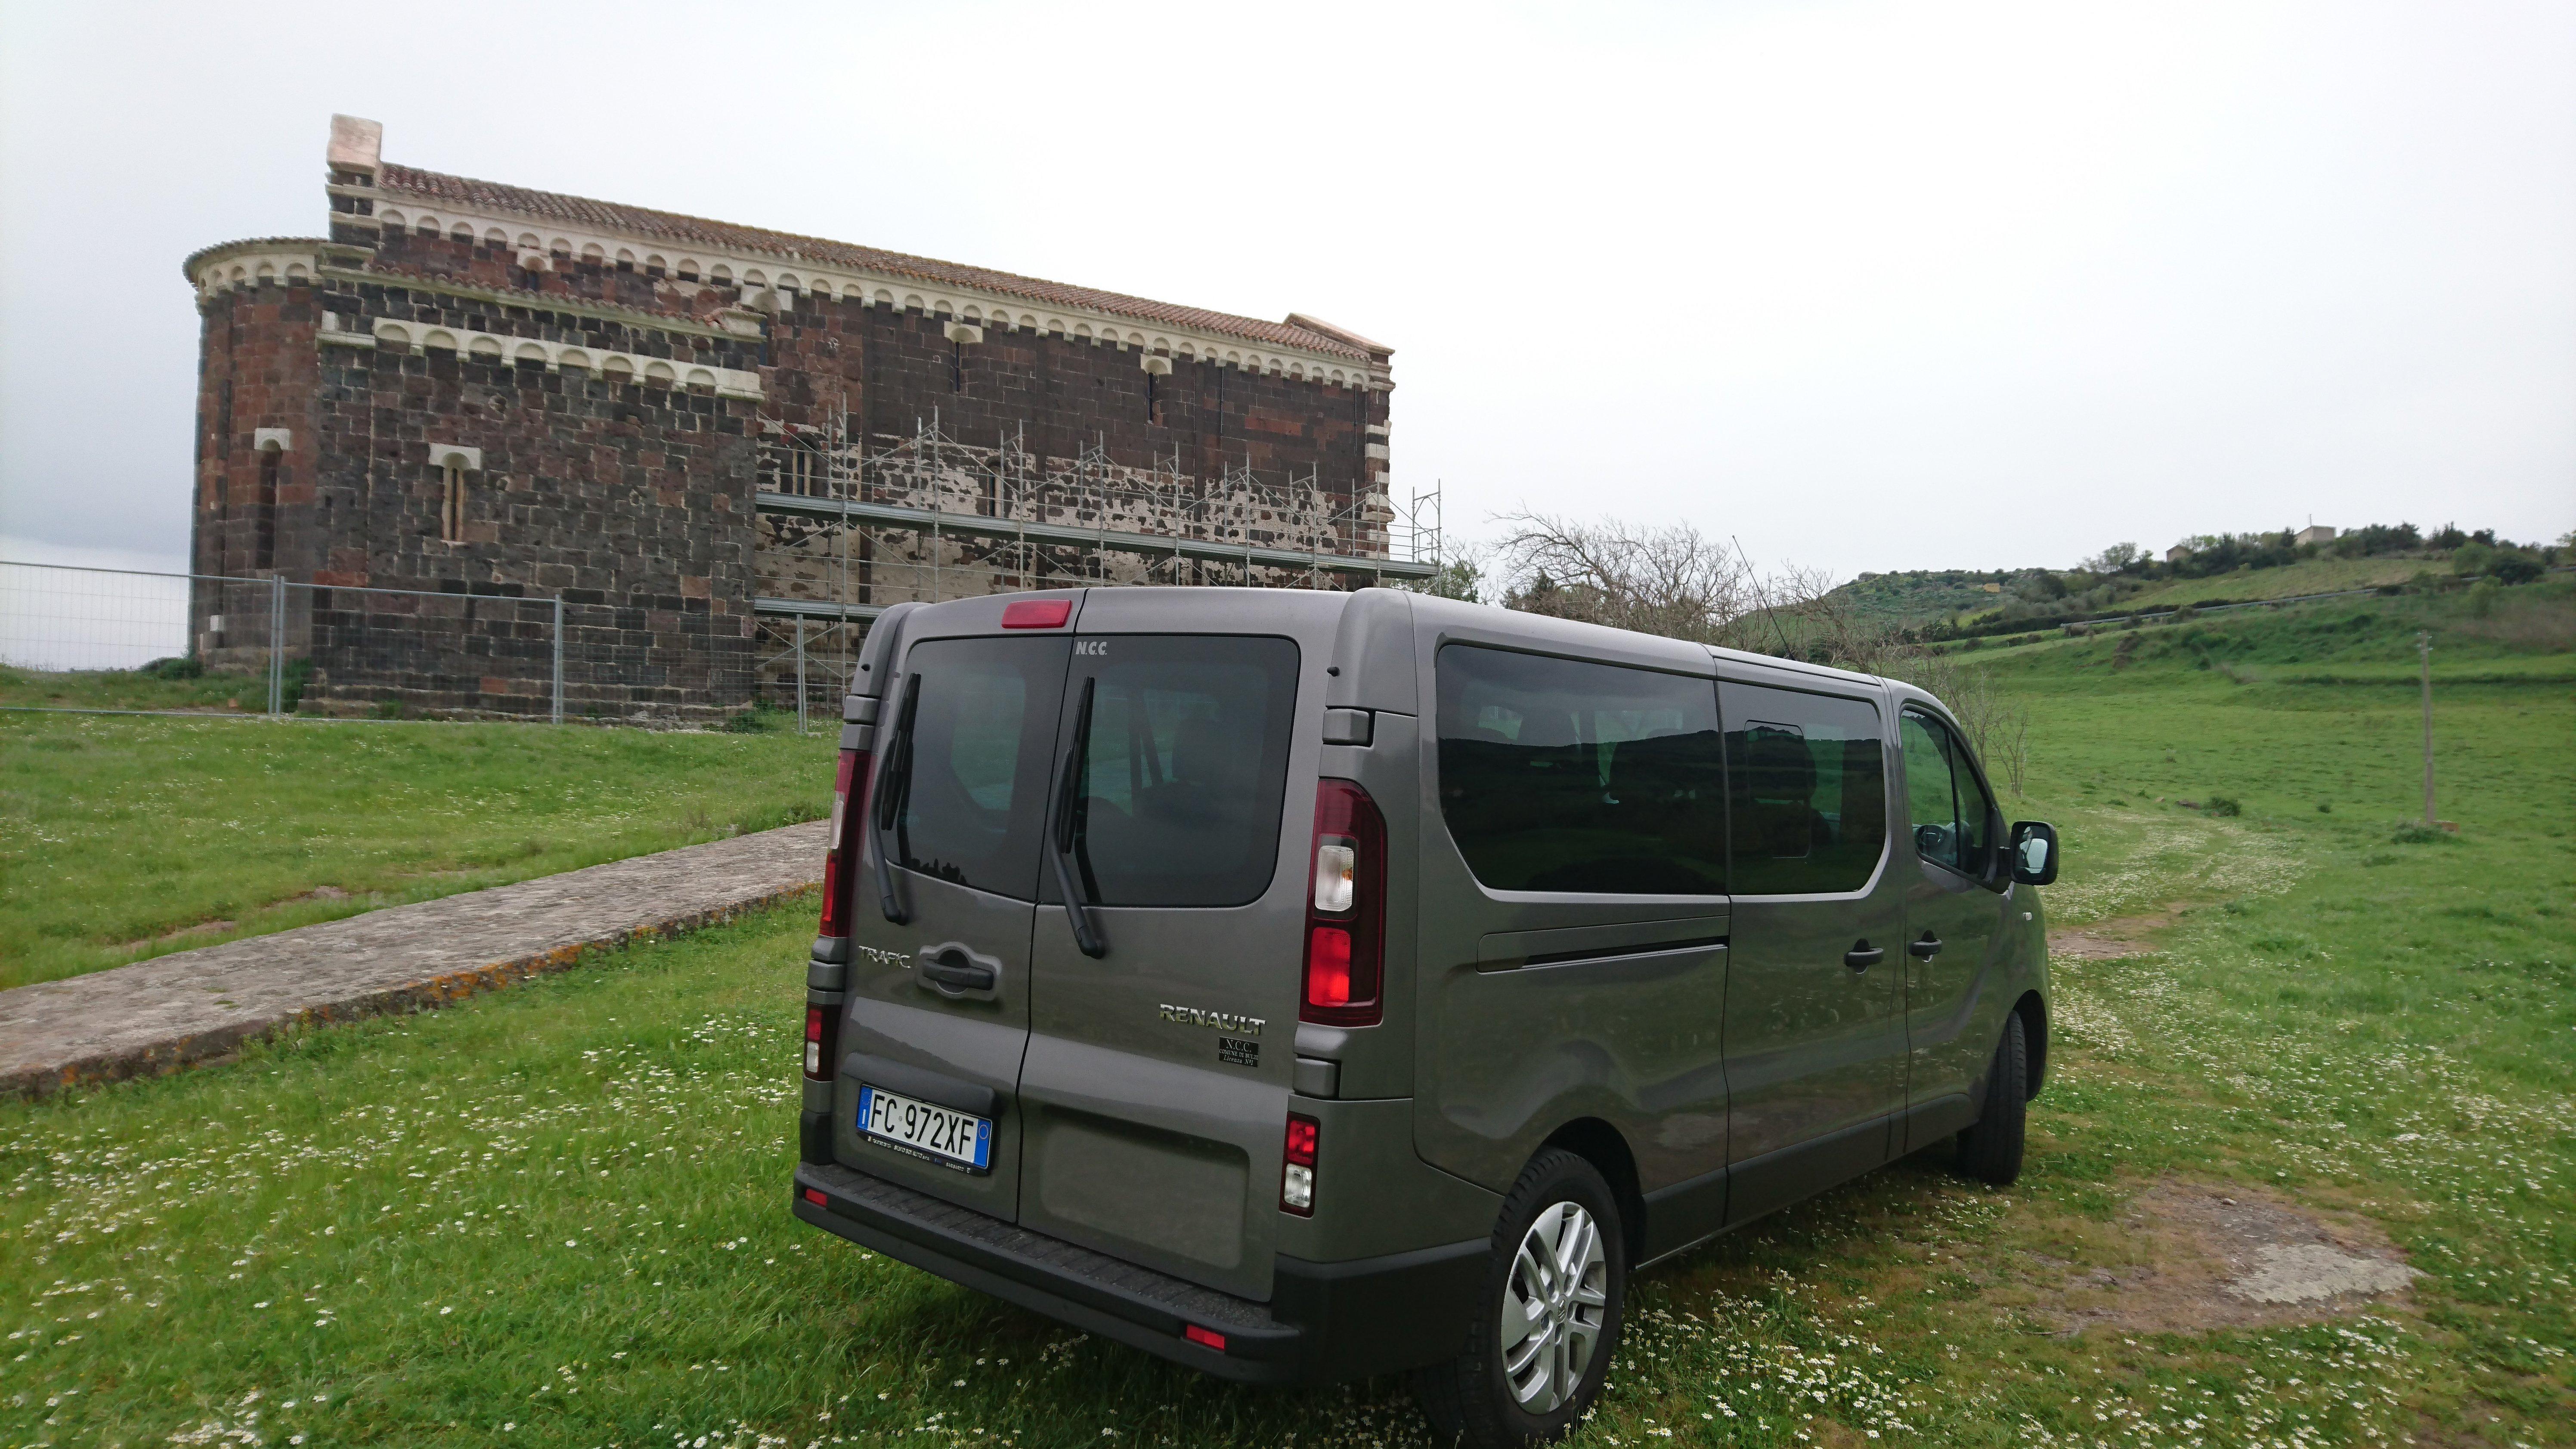 furgone grigio visto da dietro